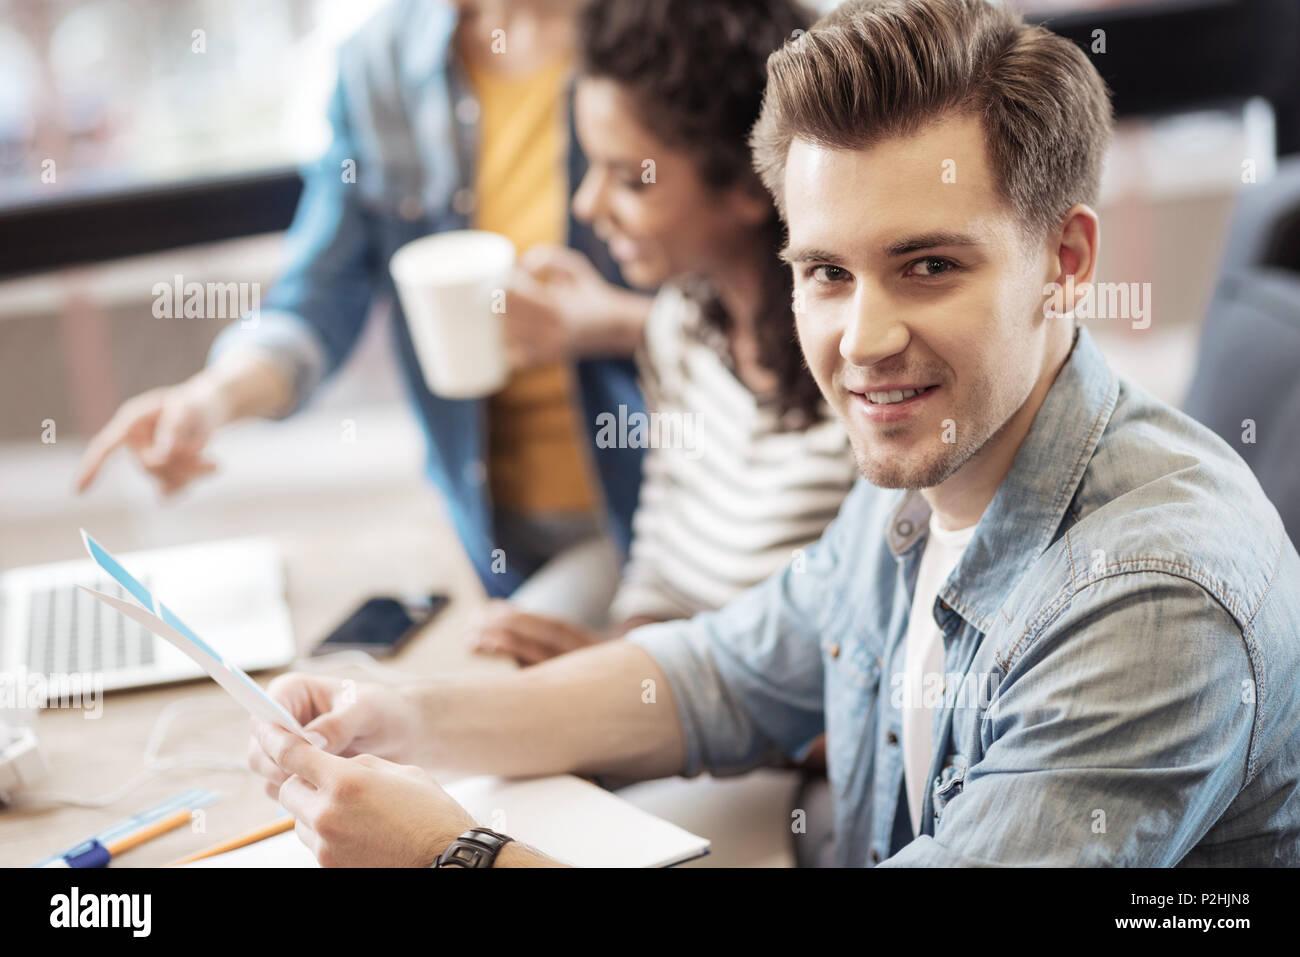 Joyful young man looking at you - Stock Image